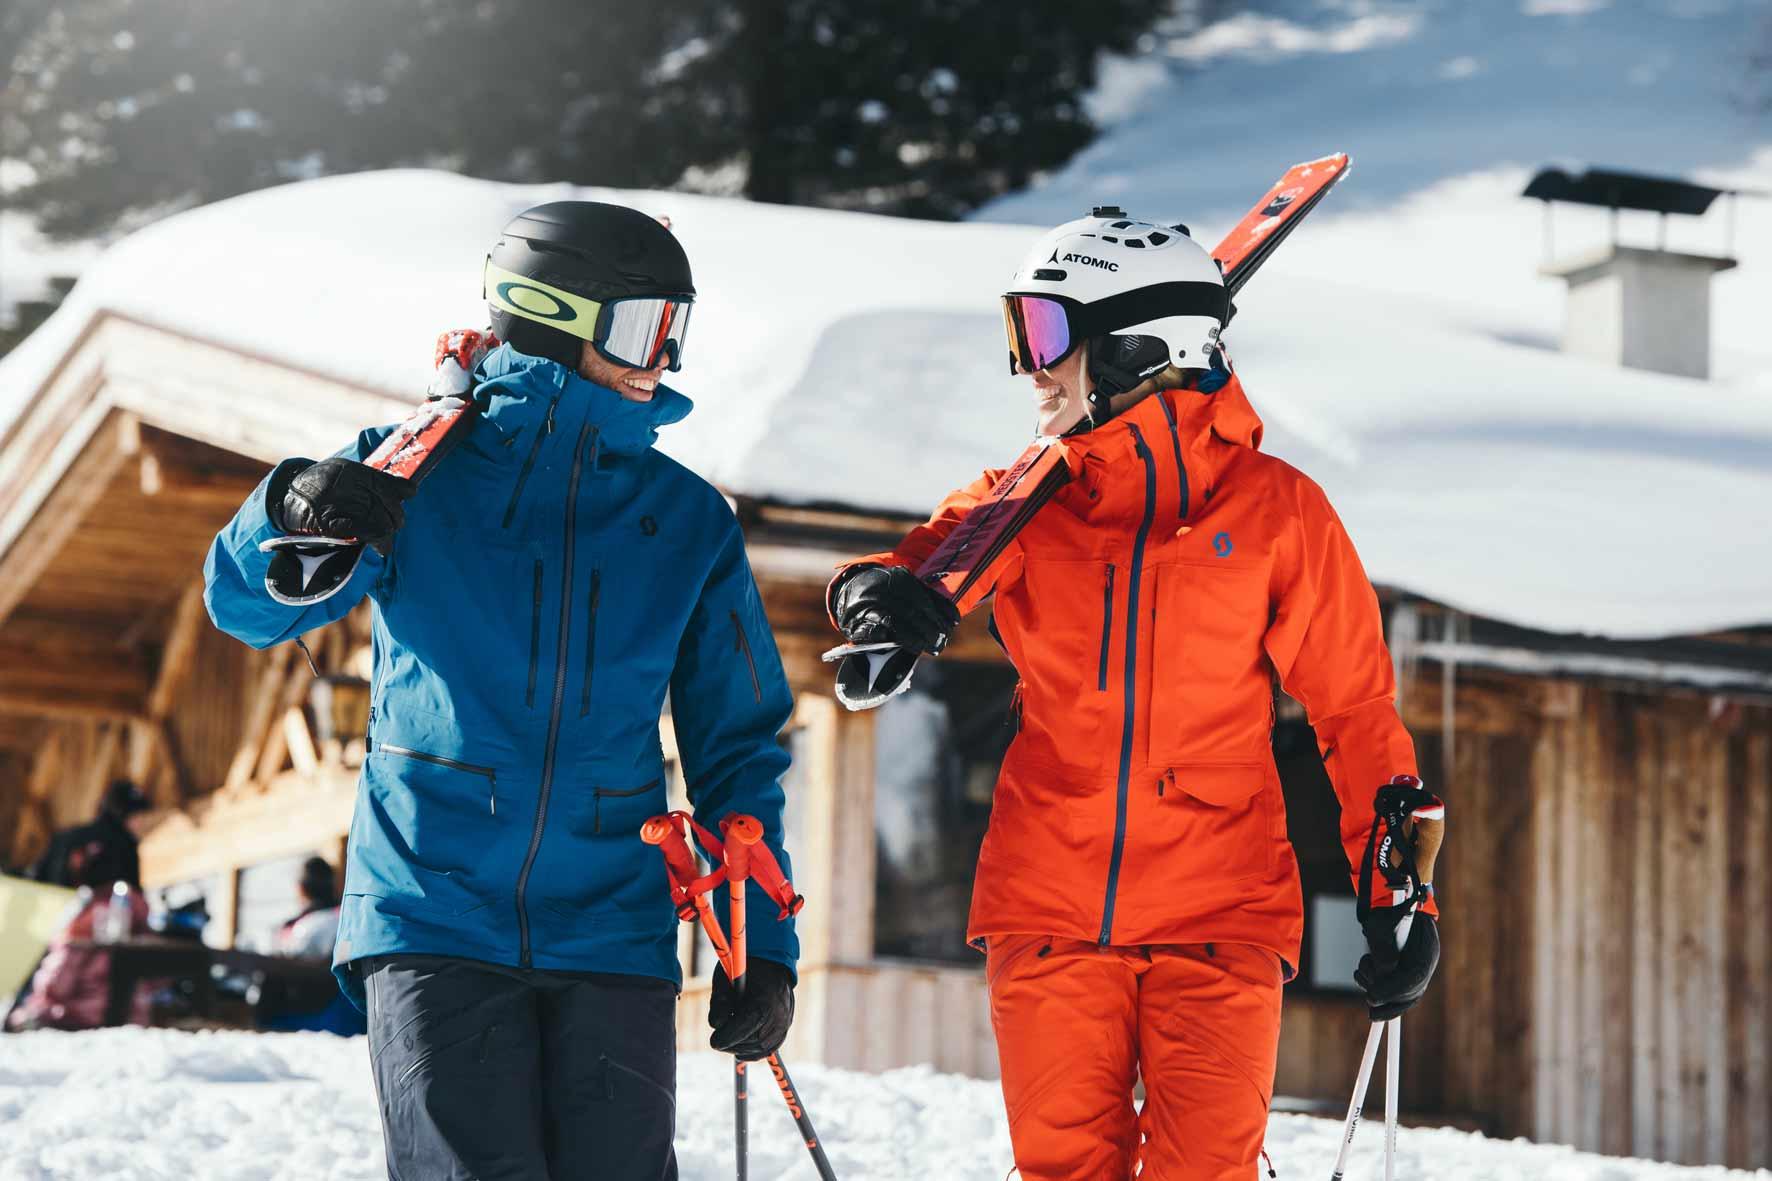 Skiurlaub im Stubaital mit der passenden Ausrüstung!